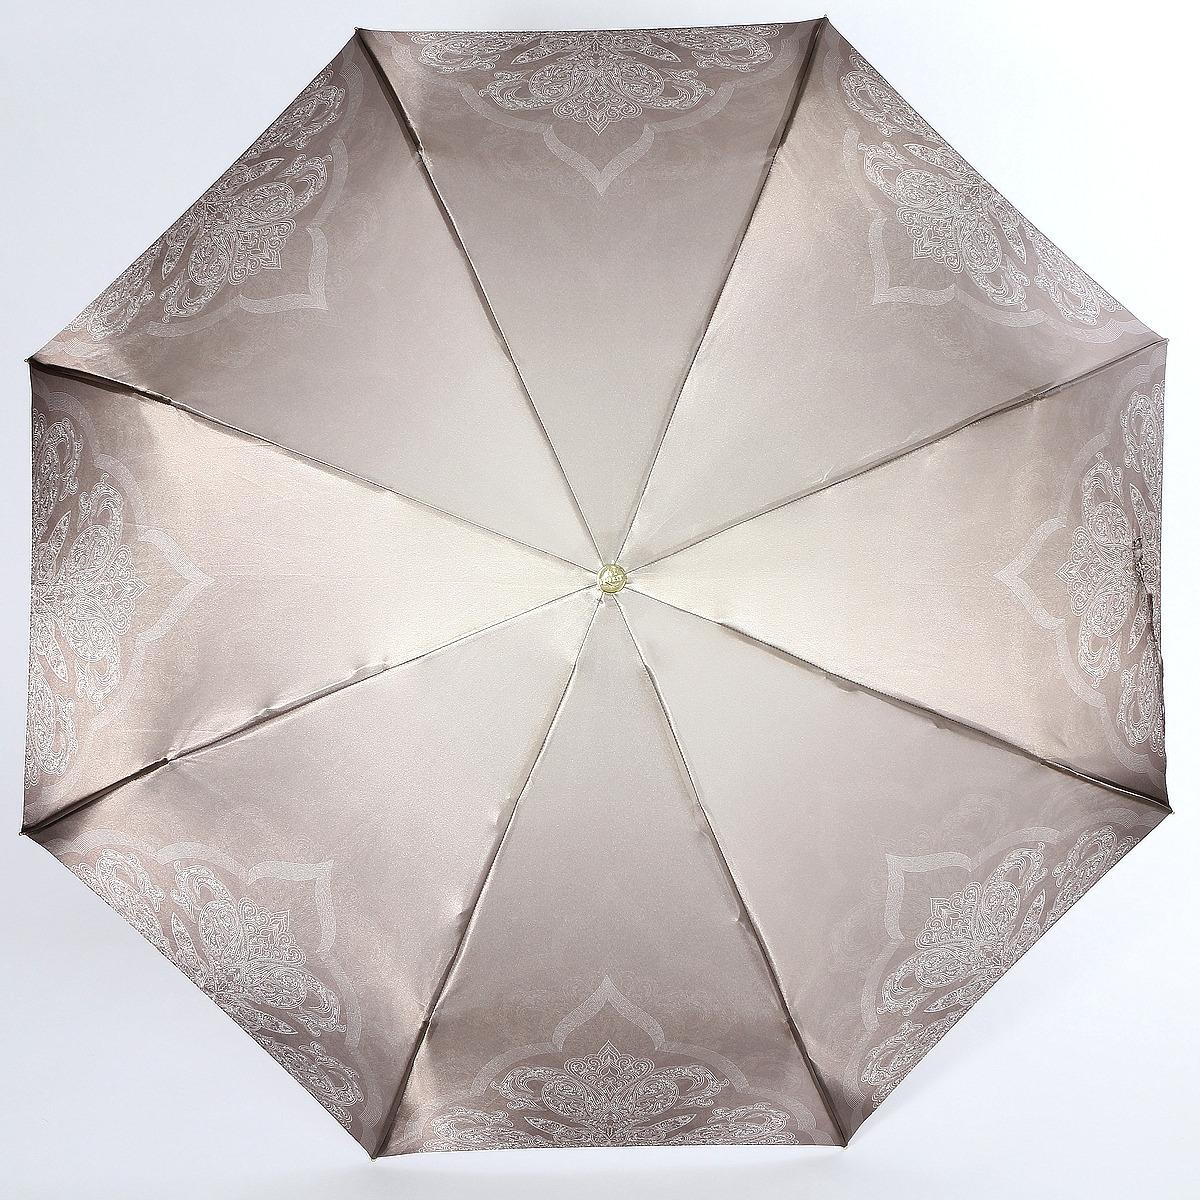 Зонт Trust 32473-1603, светло-бежевый, светло-серый зонт trust 32473 1603 женский полный автомат